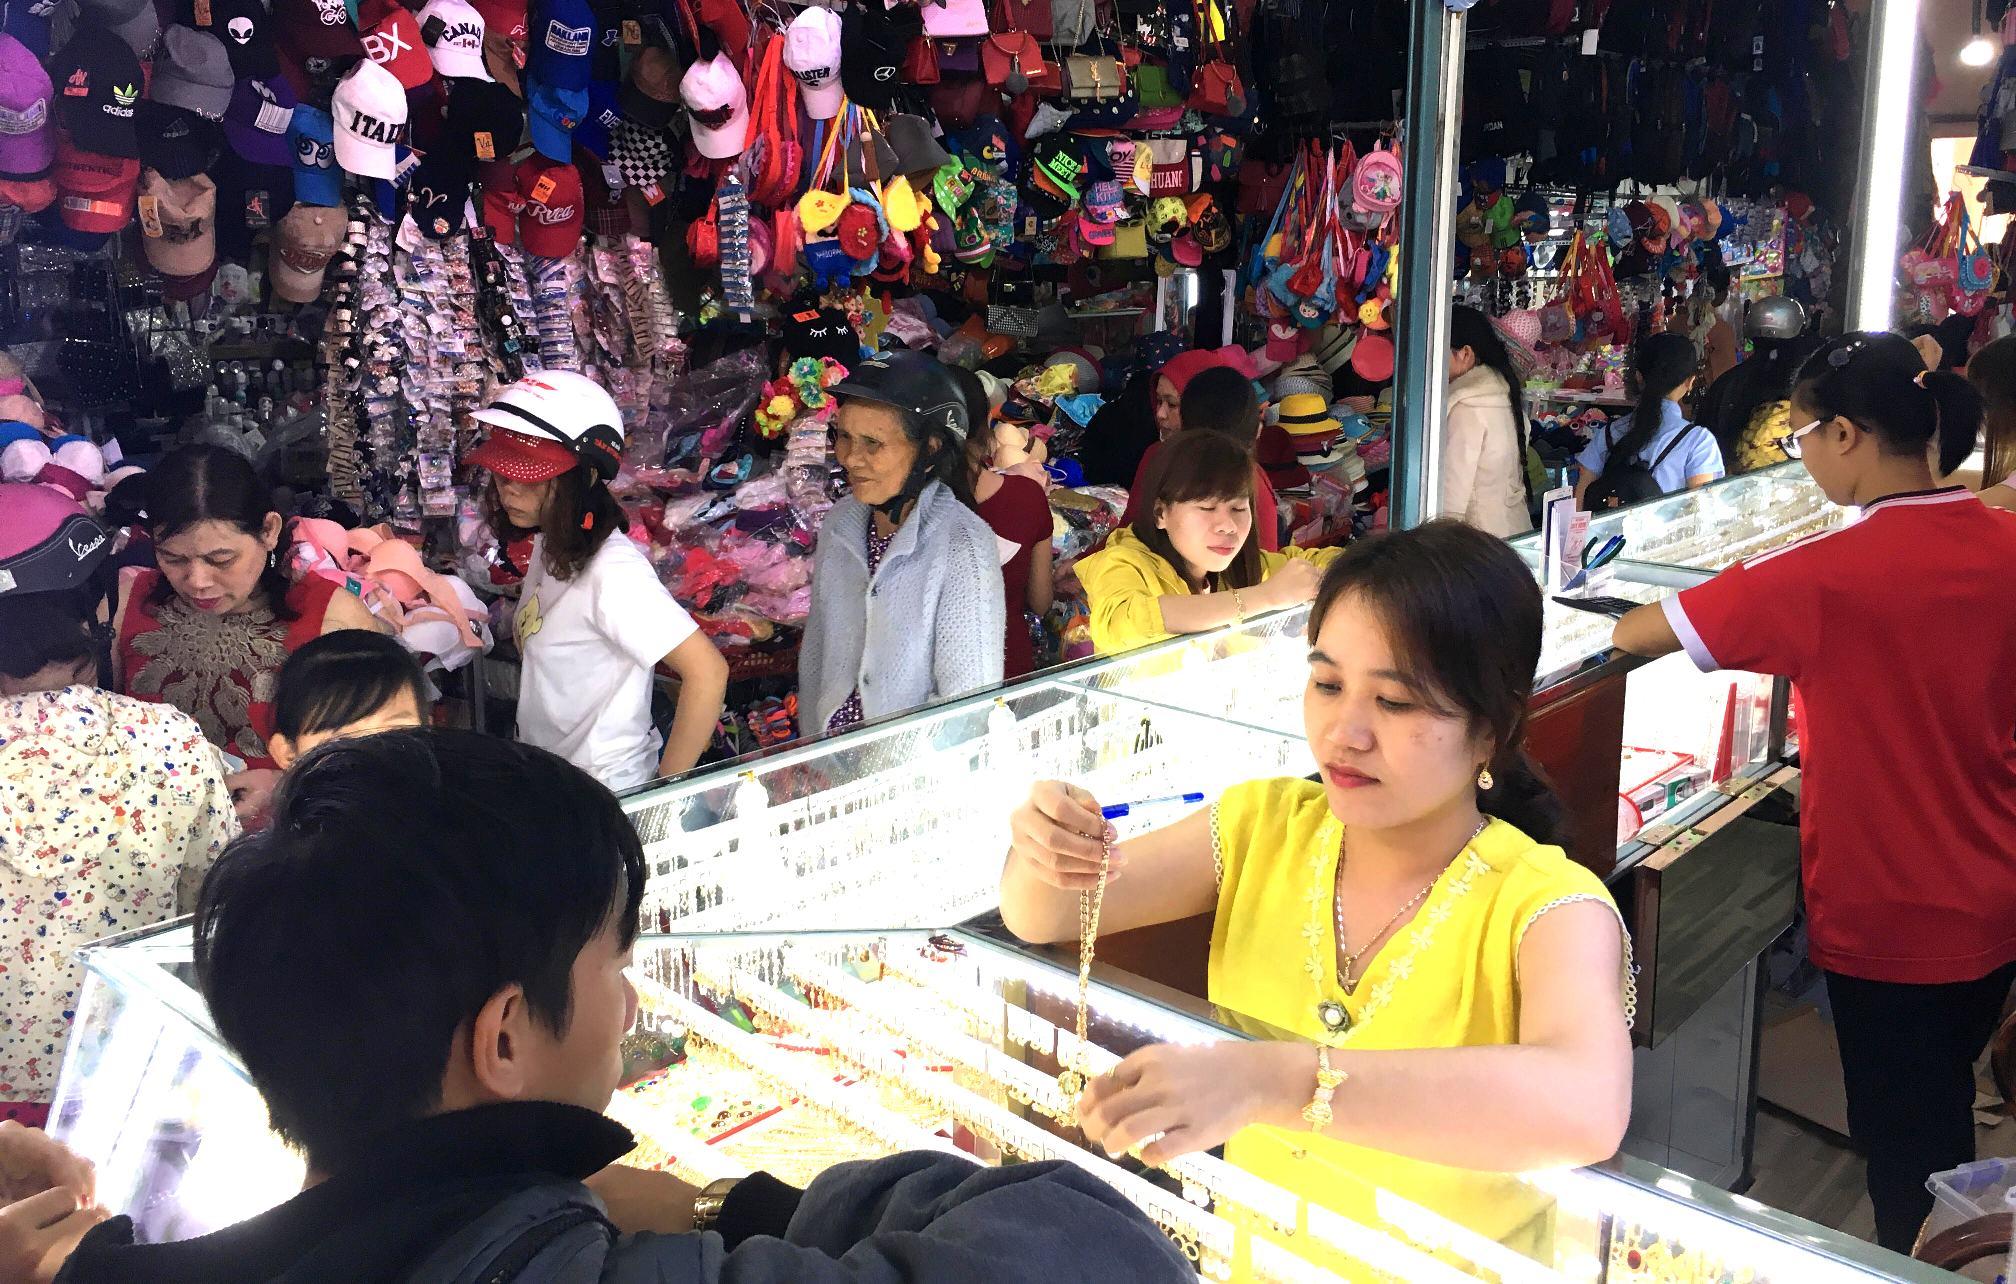 Các mặt hàng quần áo, túi xách, giày dép,... tại chợ Nam Phước được niêm yết giá. Ảnh: PHAN VINH